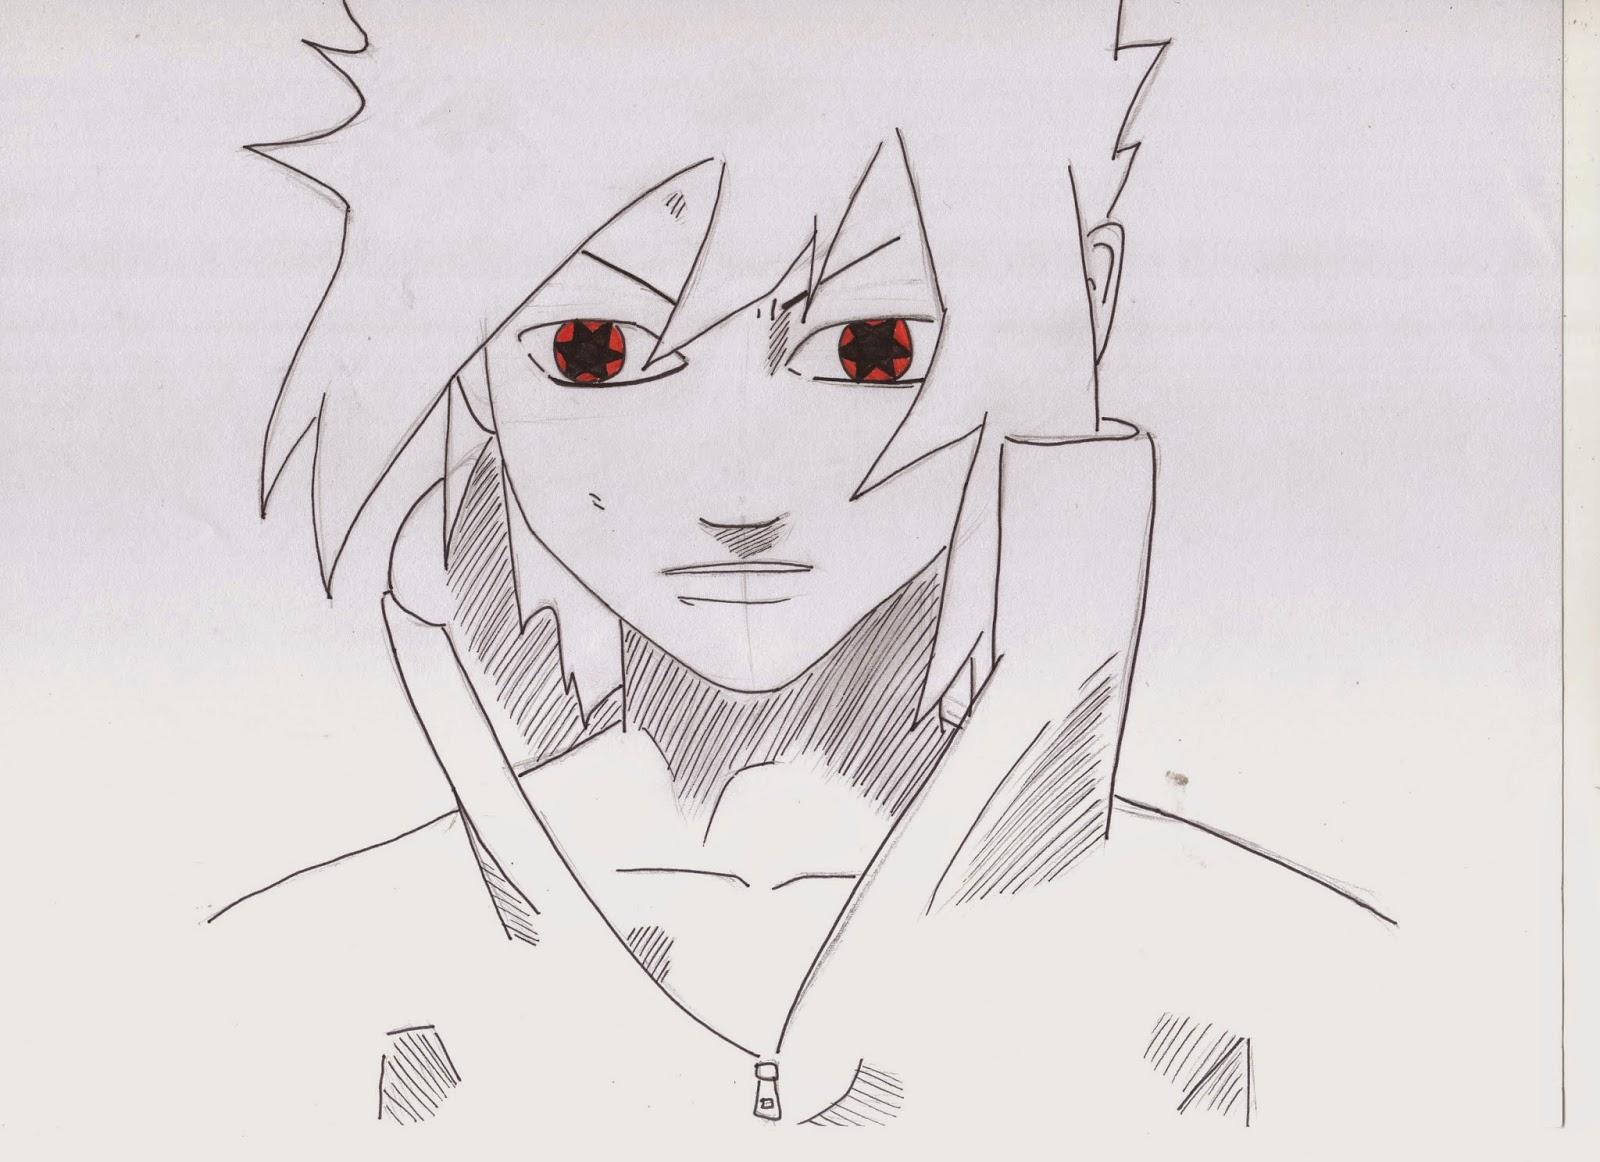 Il Giappone Secondo Me Disegni 2 Sasuke Con Gli Occhi Storti